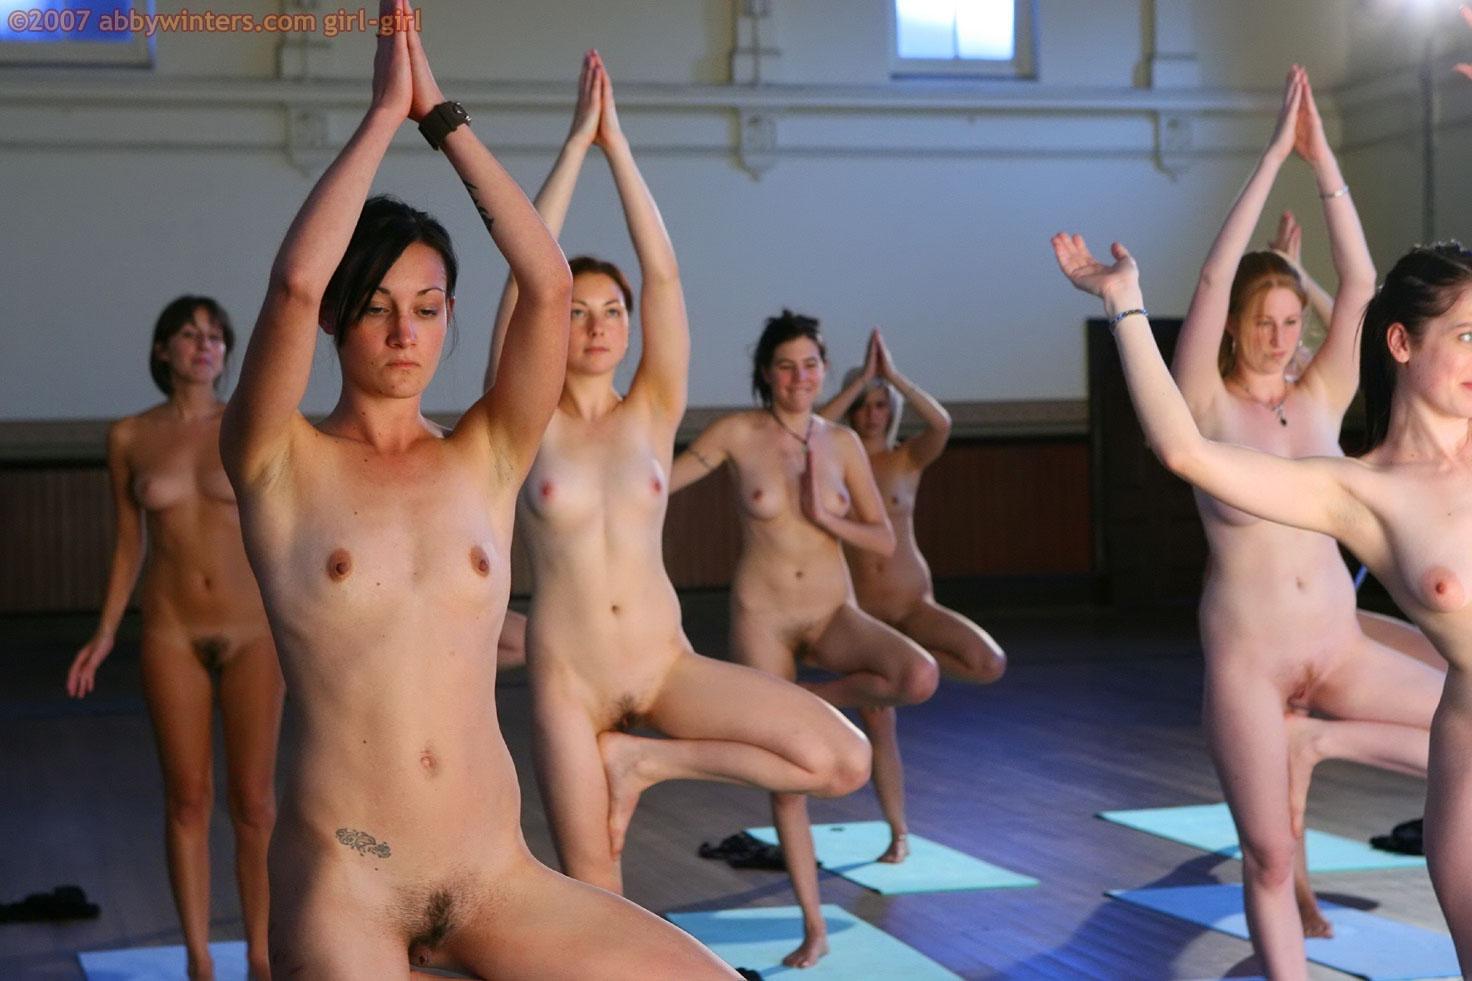 Смотреть порно бесплатно на физкультуре, Порно гимнастки - гибкие девушки занимаются сексом 11 фотография